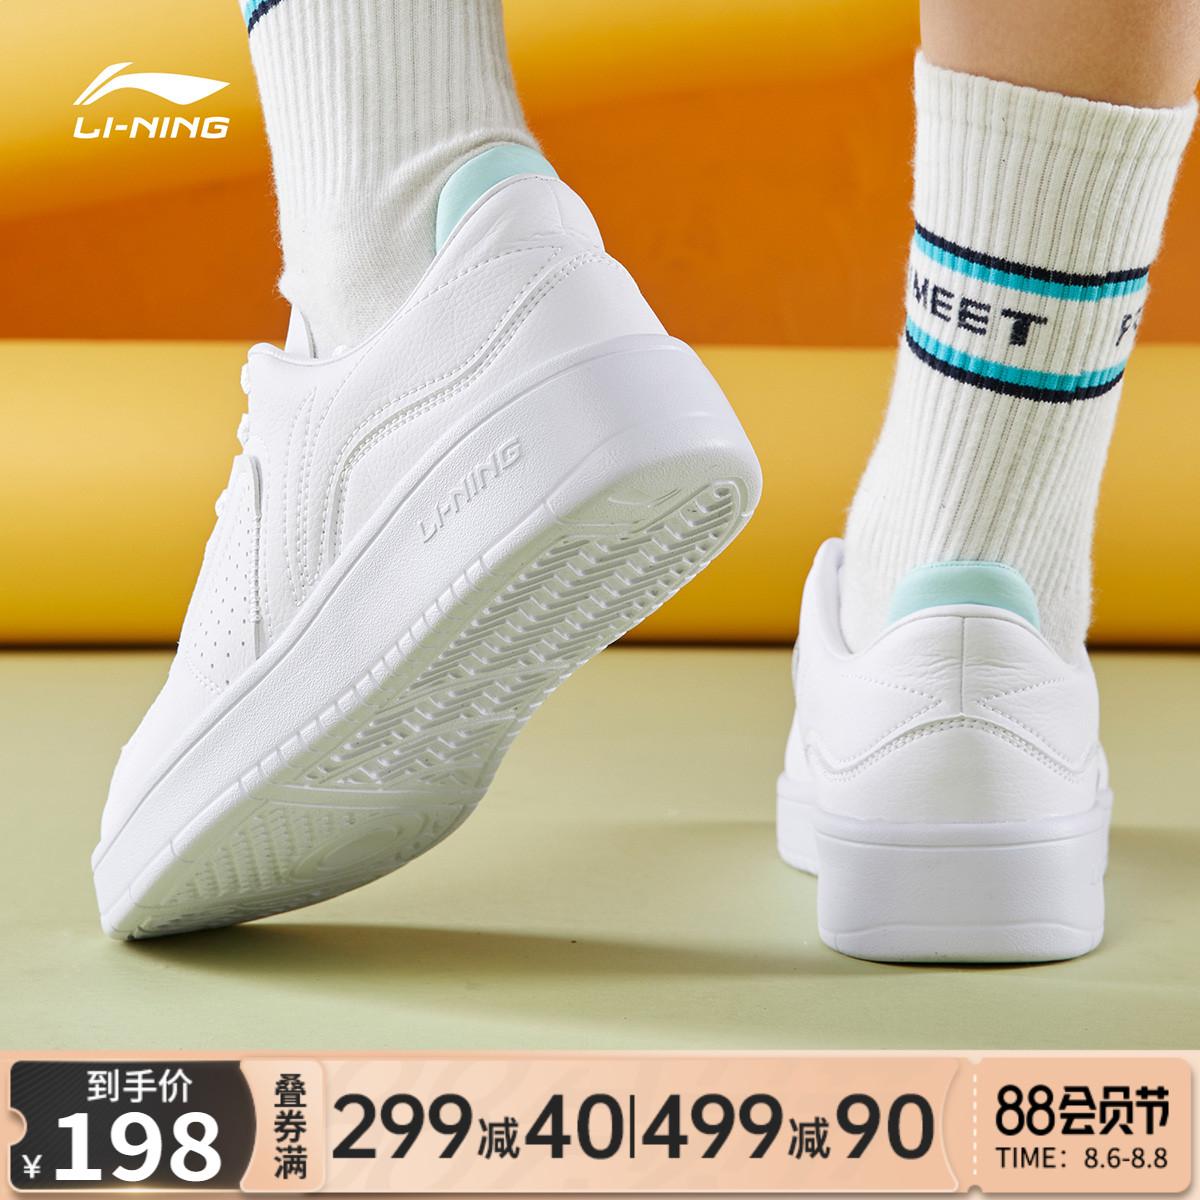 李宁小白鞋女夏季新款白色休闲鞋女士厚底正品透气运动鞋板鞋女鞋